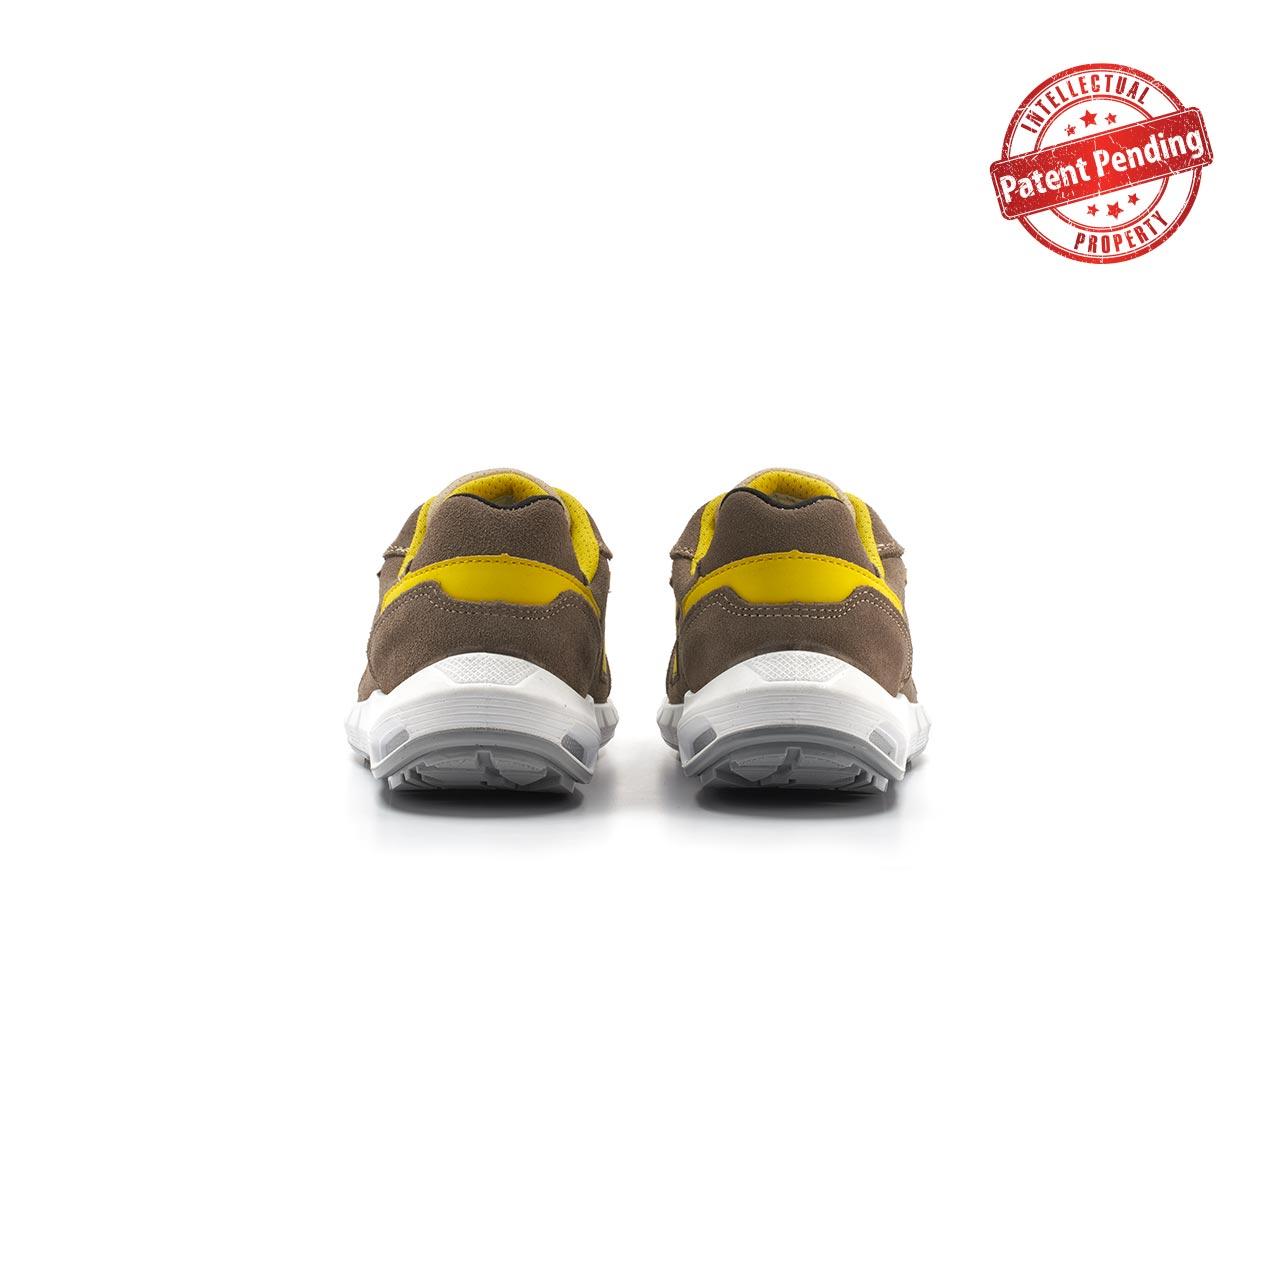 paio di scarpe antinfortunistiche upower modello dorado linea redup plus vista retro